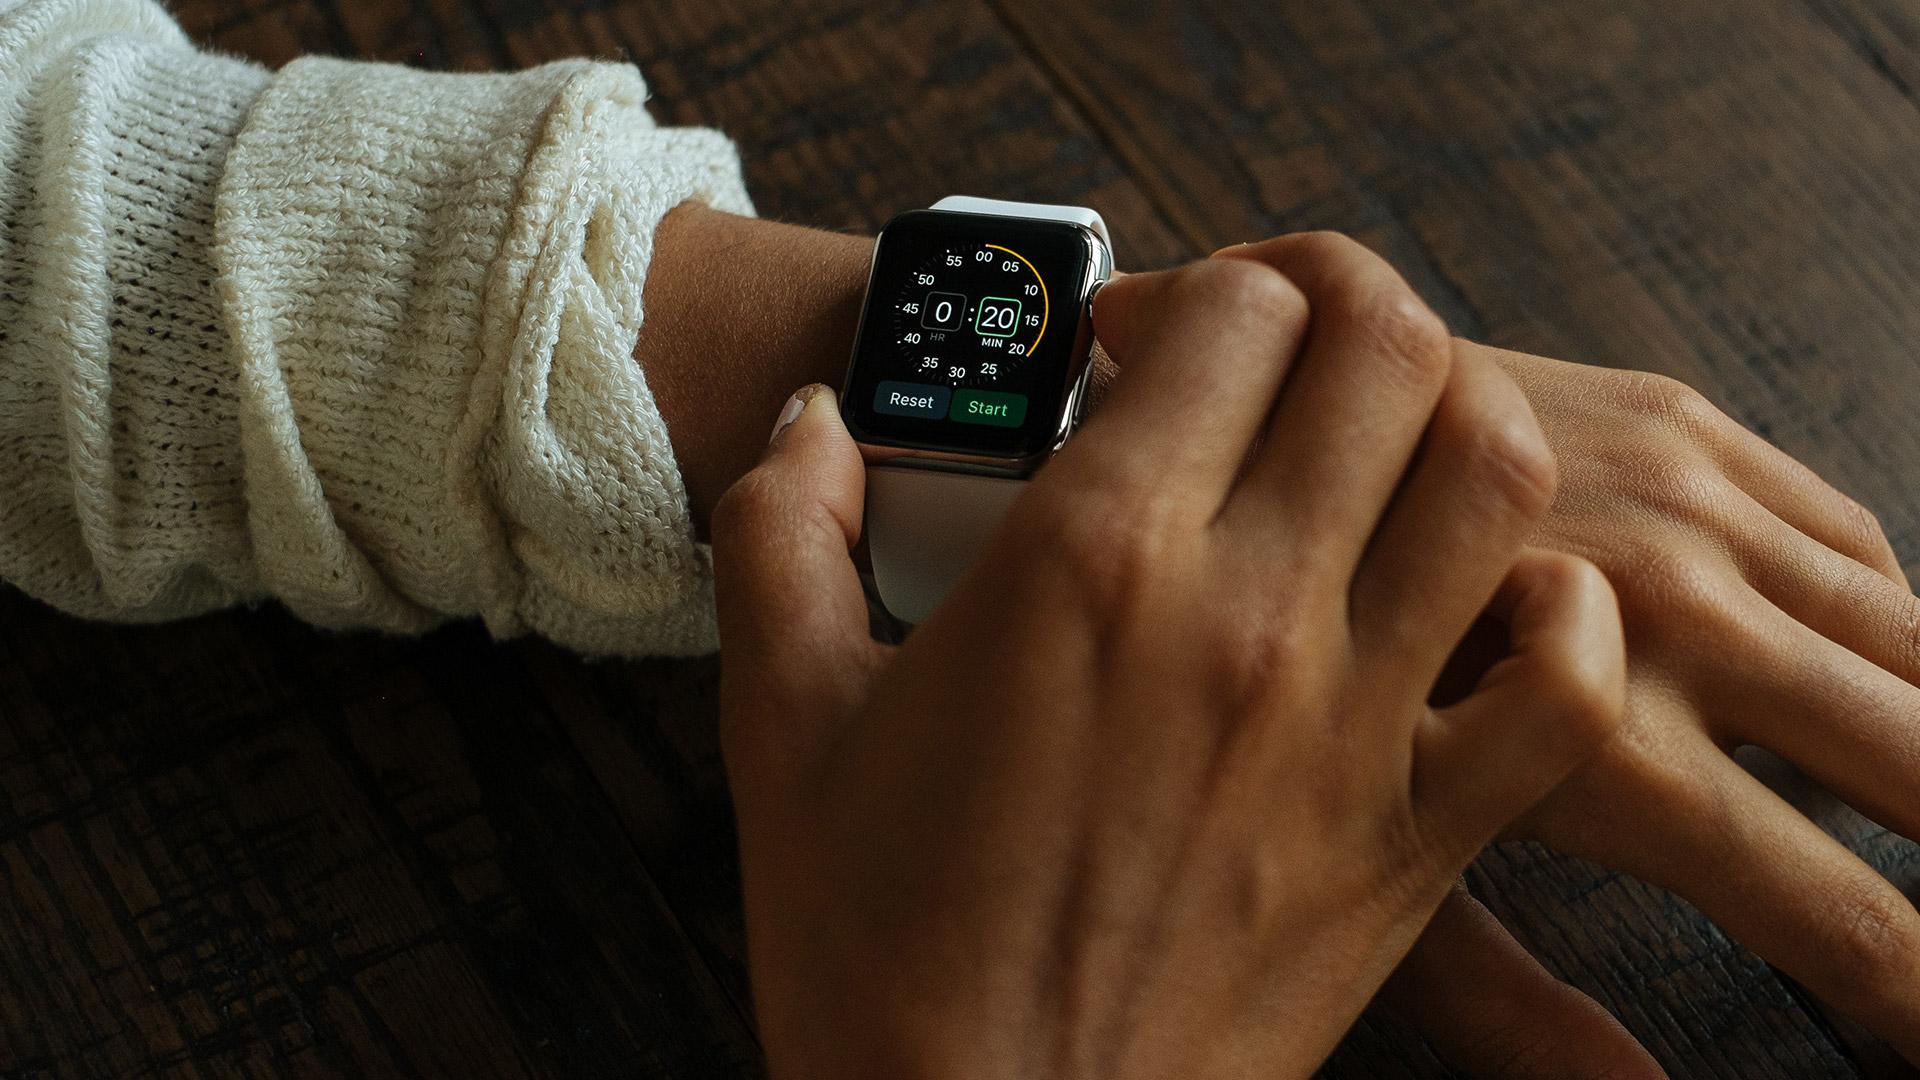 Smart Watch on a wrist